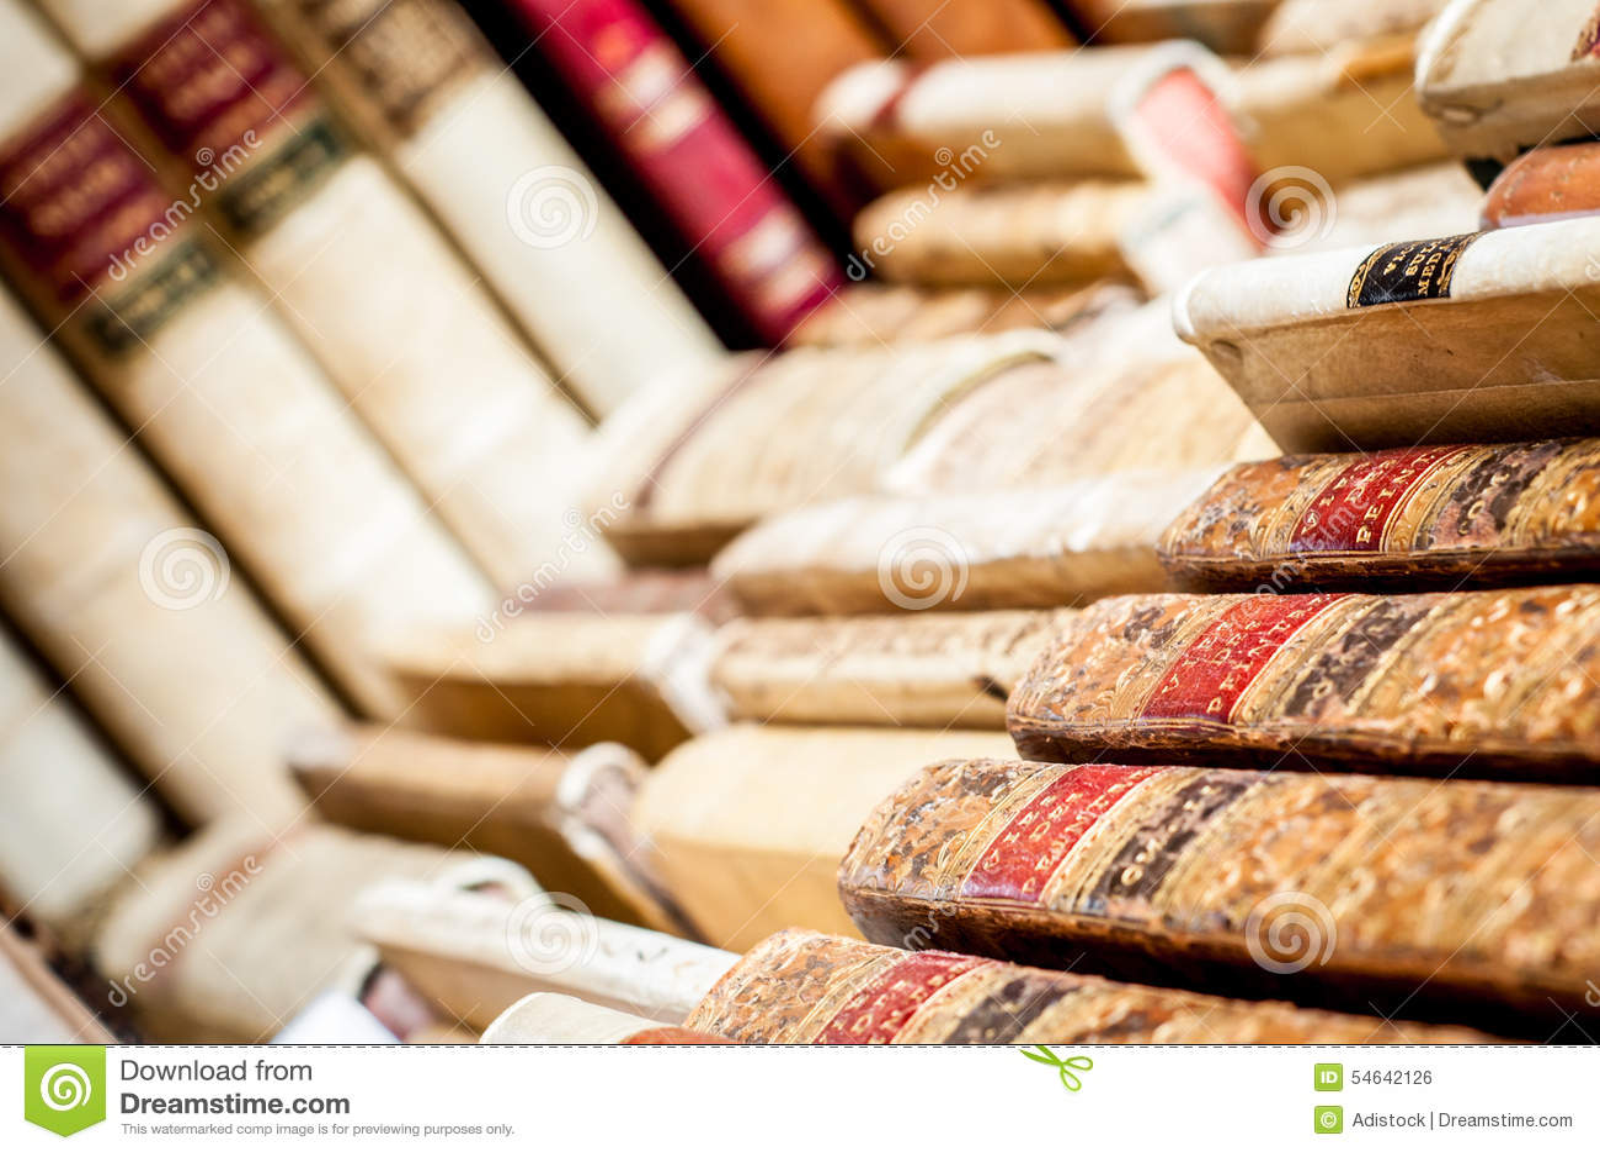 Bücher in einer Reihe